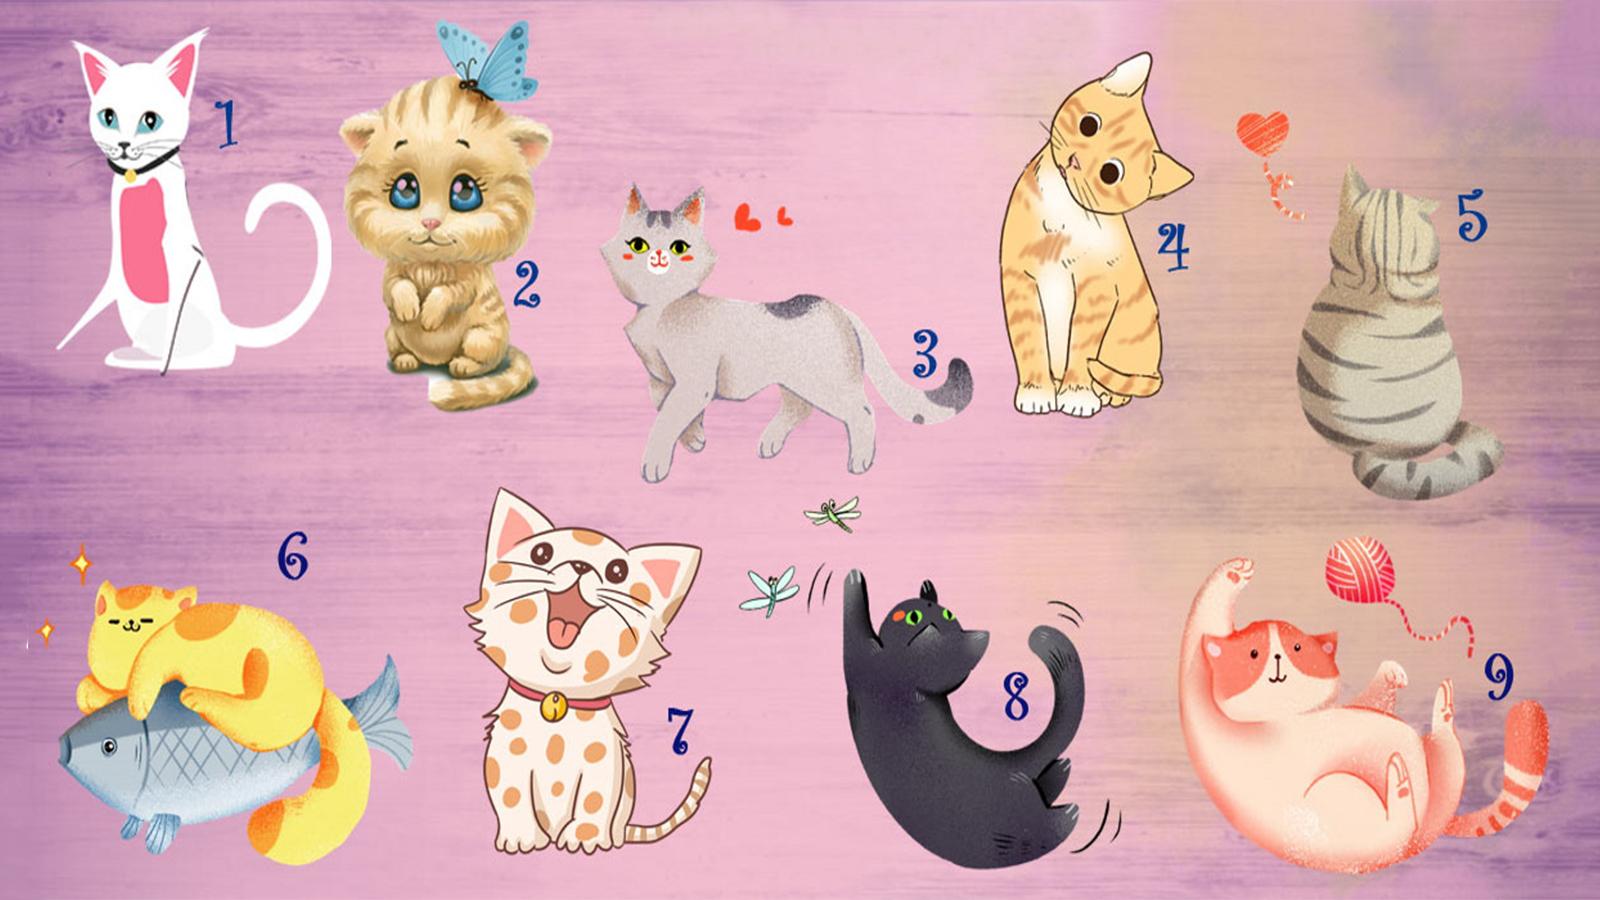 trắc nghiệm khả năng giao tiếp qua chú mèo